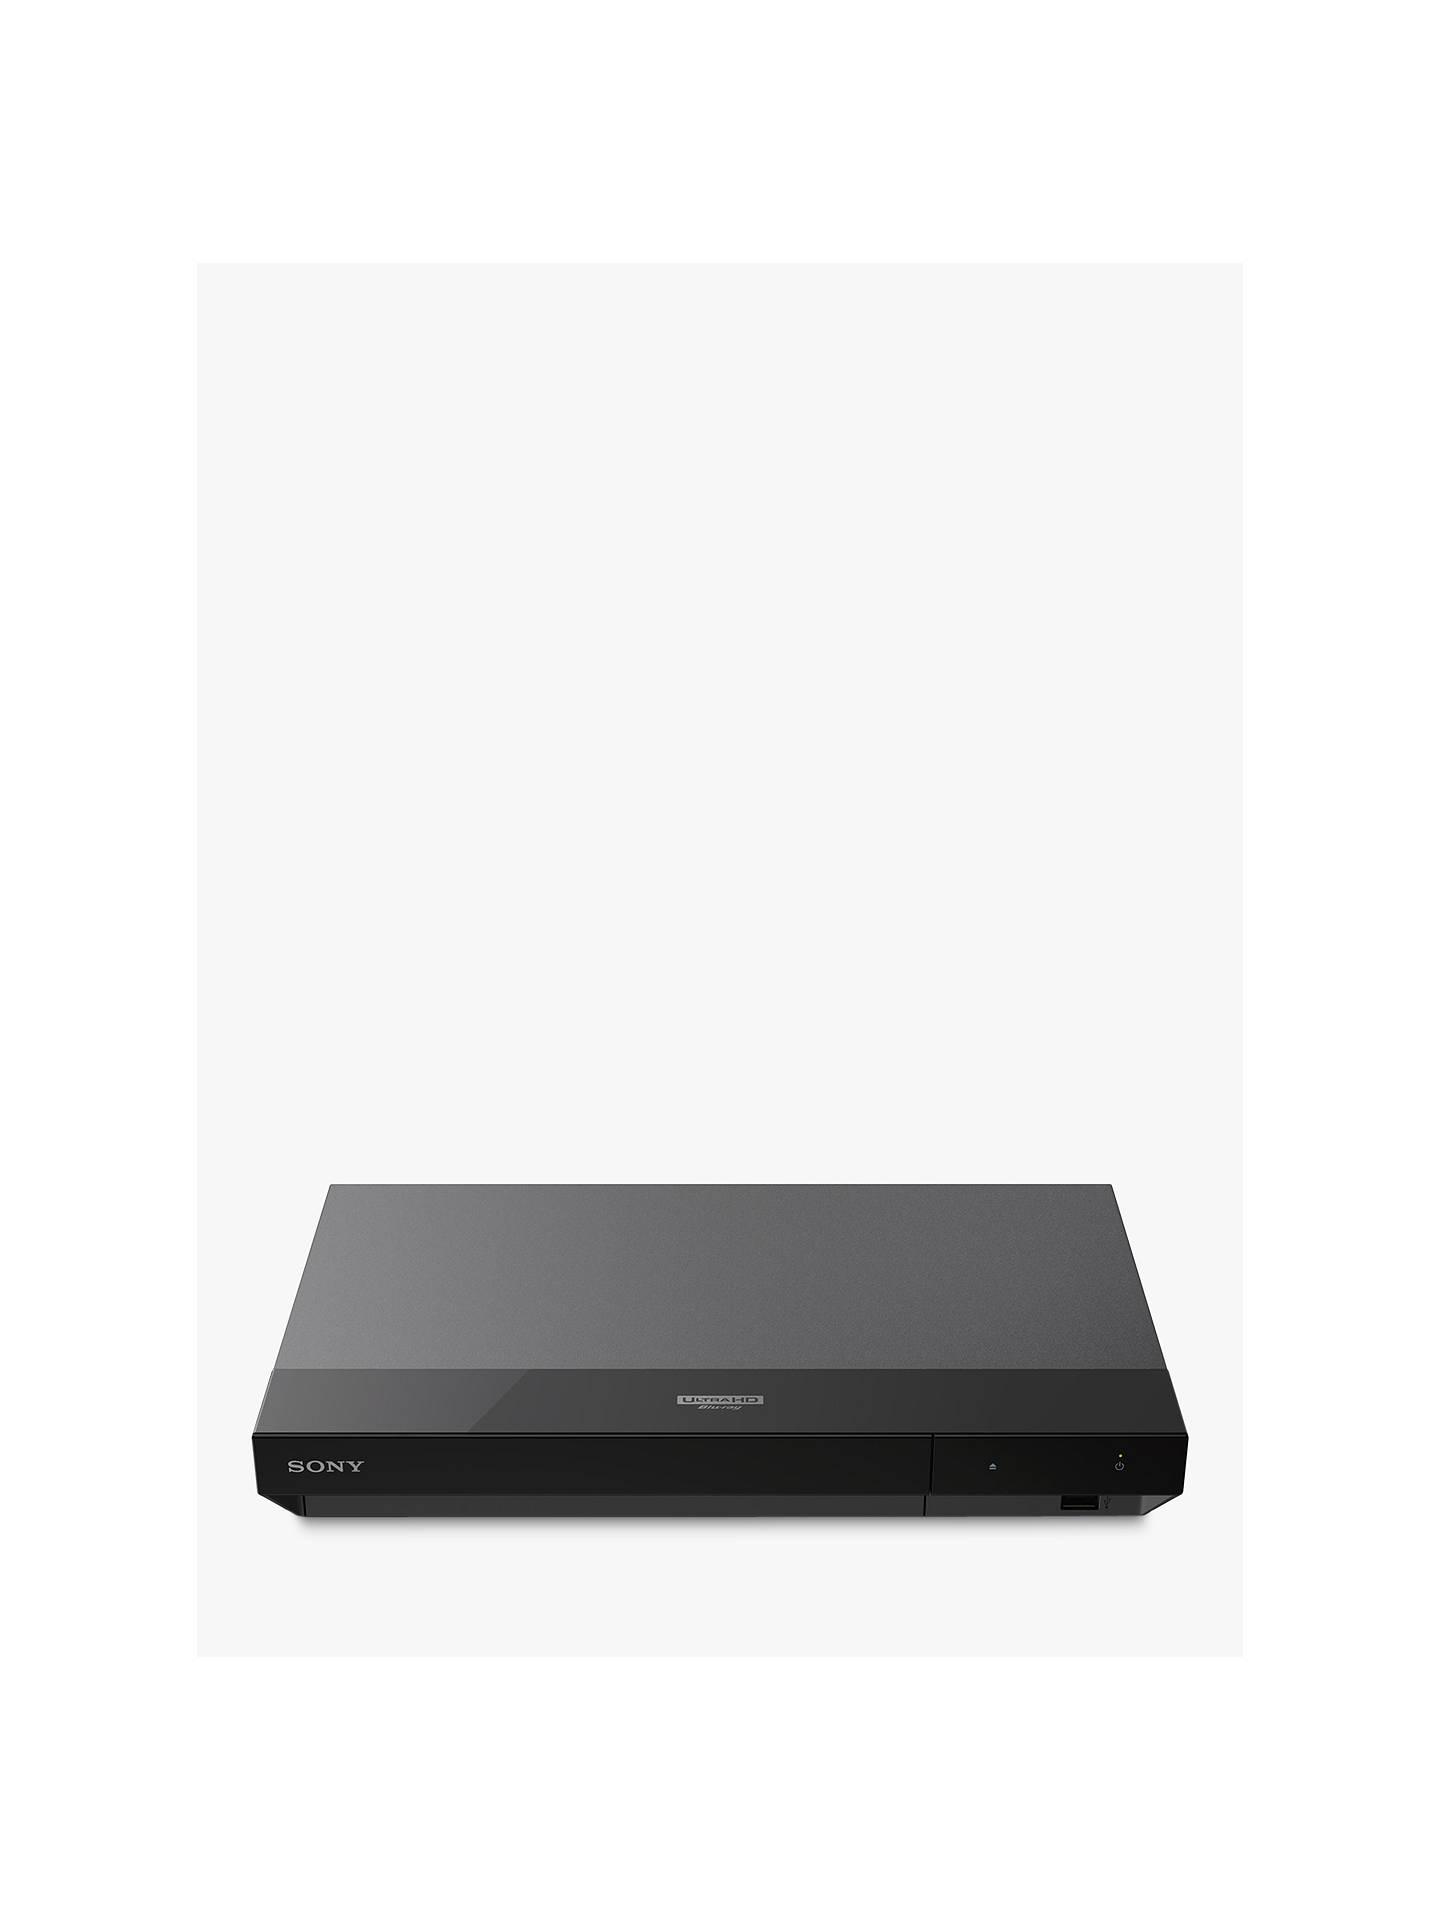 Sony UBP-X700 Smart 3D 4K UHD HDR Upscaling Blu-Ray/DVD Player